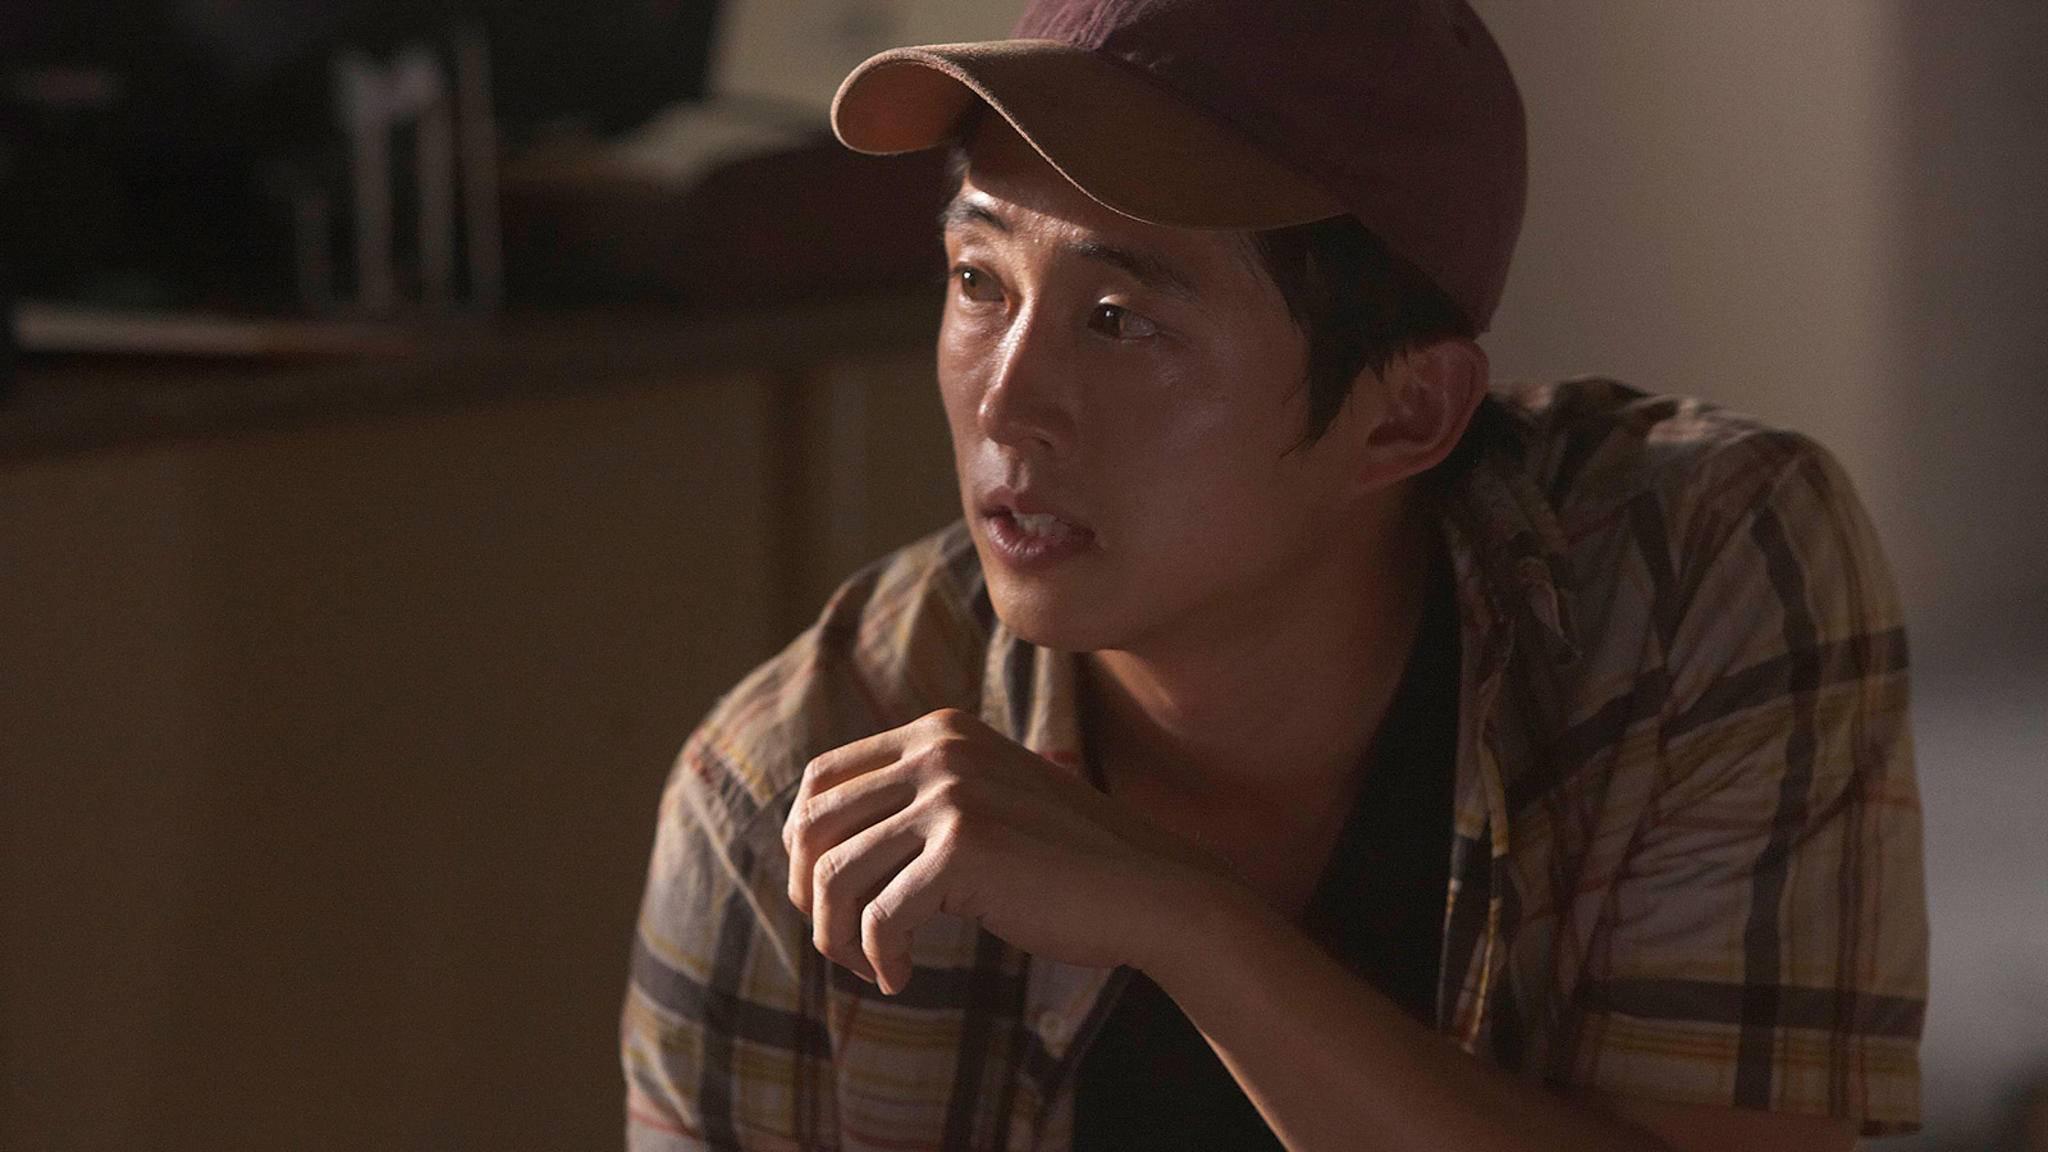 Wer hätte gedacht, dass Glenn sich schon in Staffel 2 der Zombieapokalypse seine Traumfrau angeln würde?